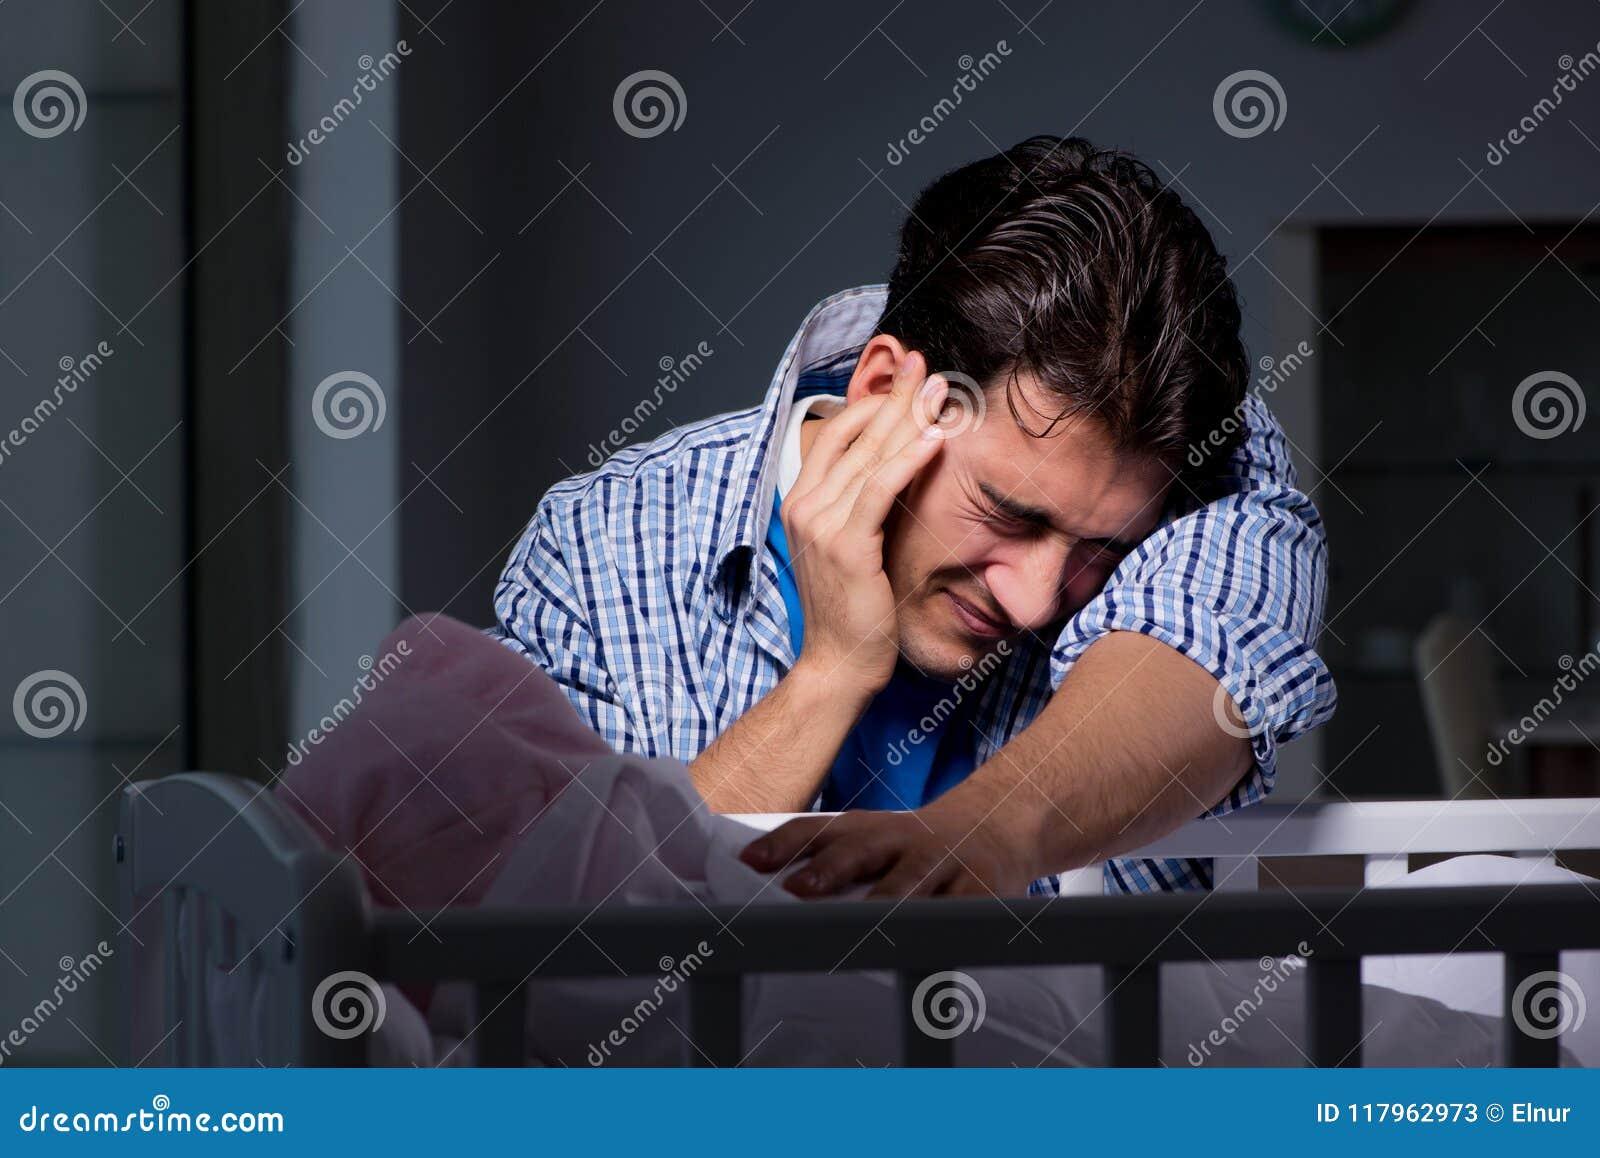 Der junge Vater unter dem Druck wegen des Babys, das nachts schreit